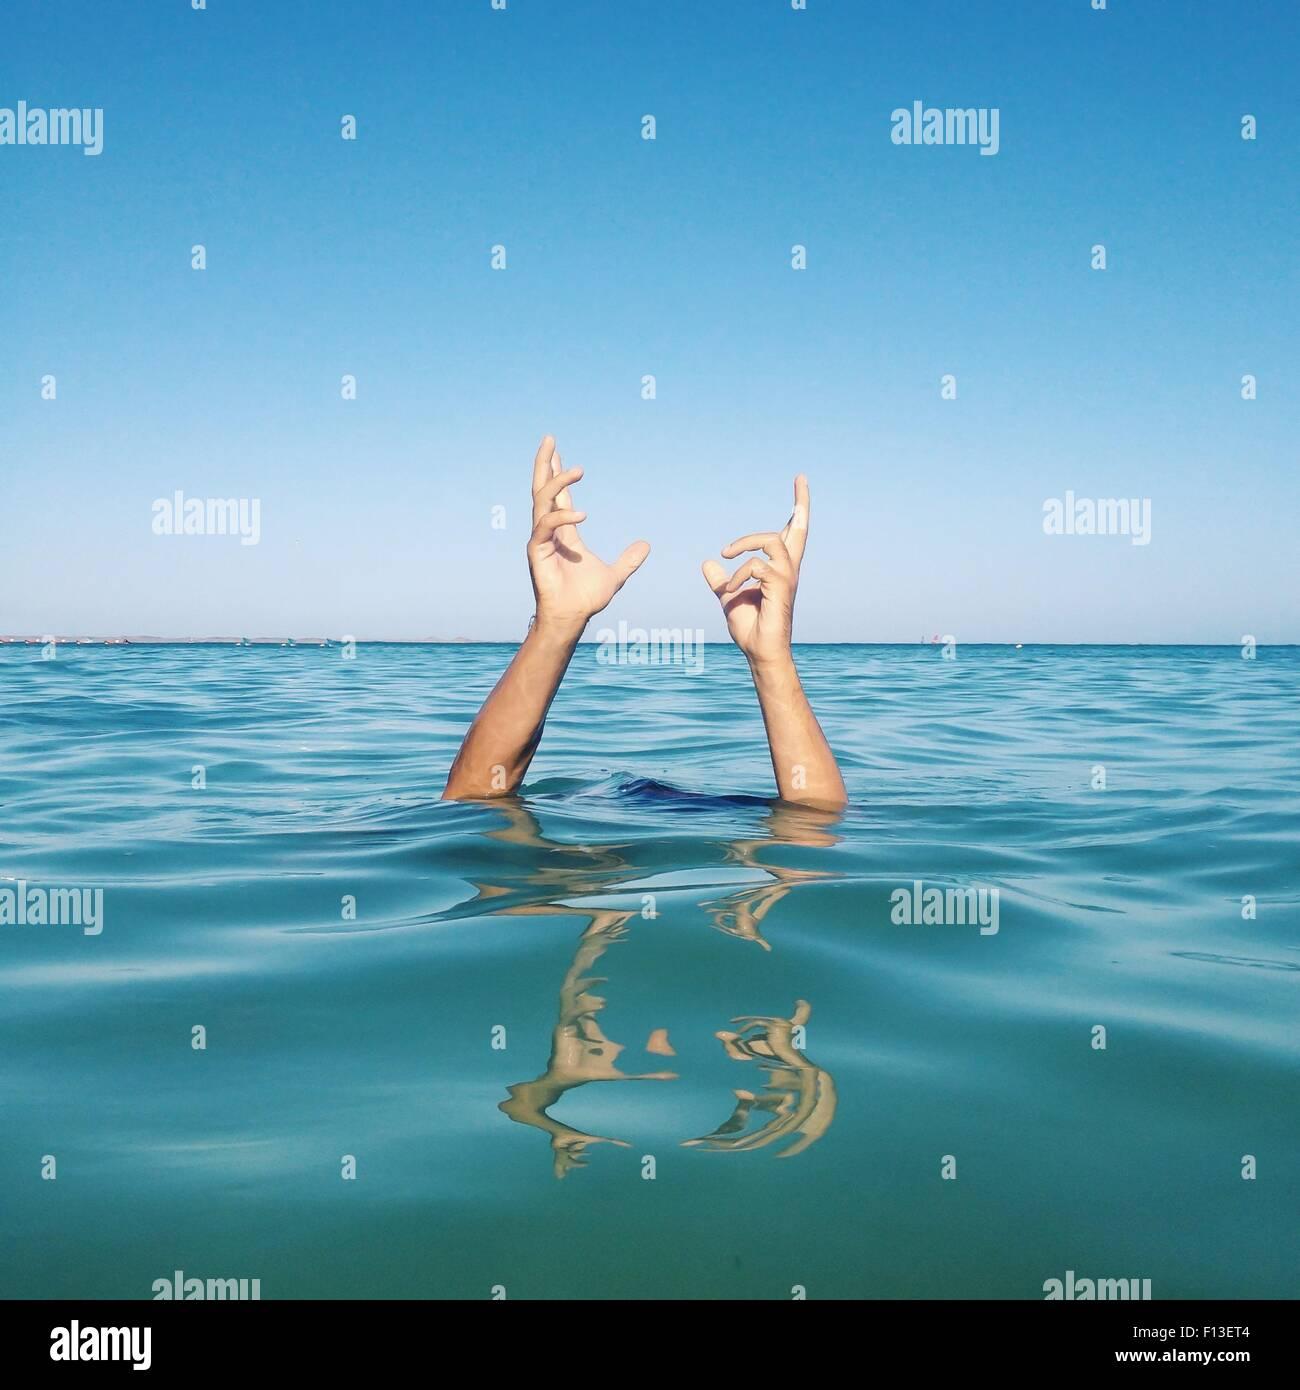 Las manos del hombre saliendo del mar Imagen De Stock